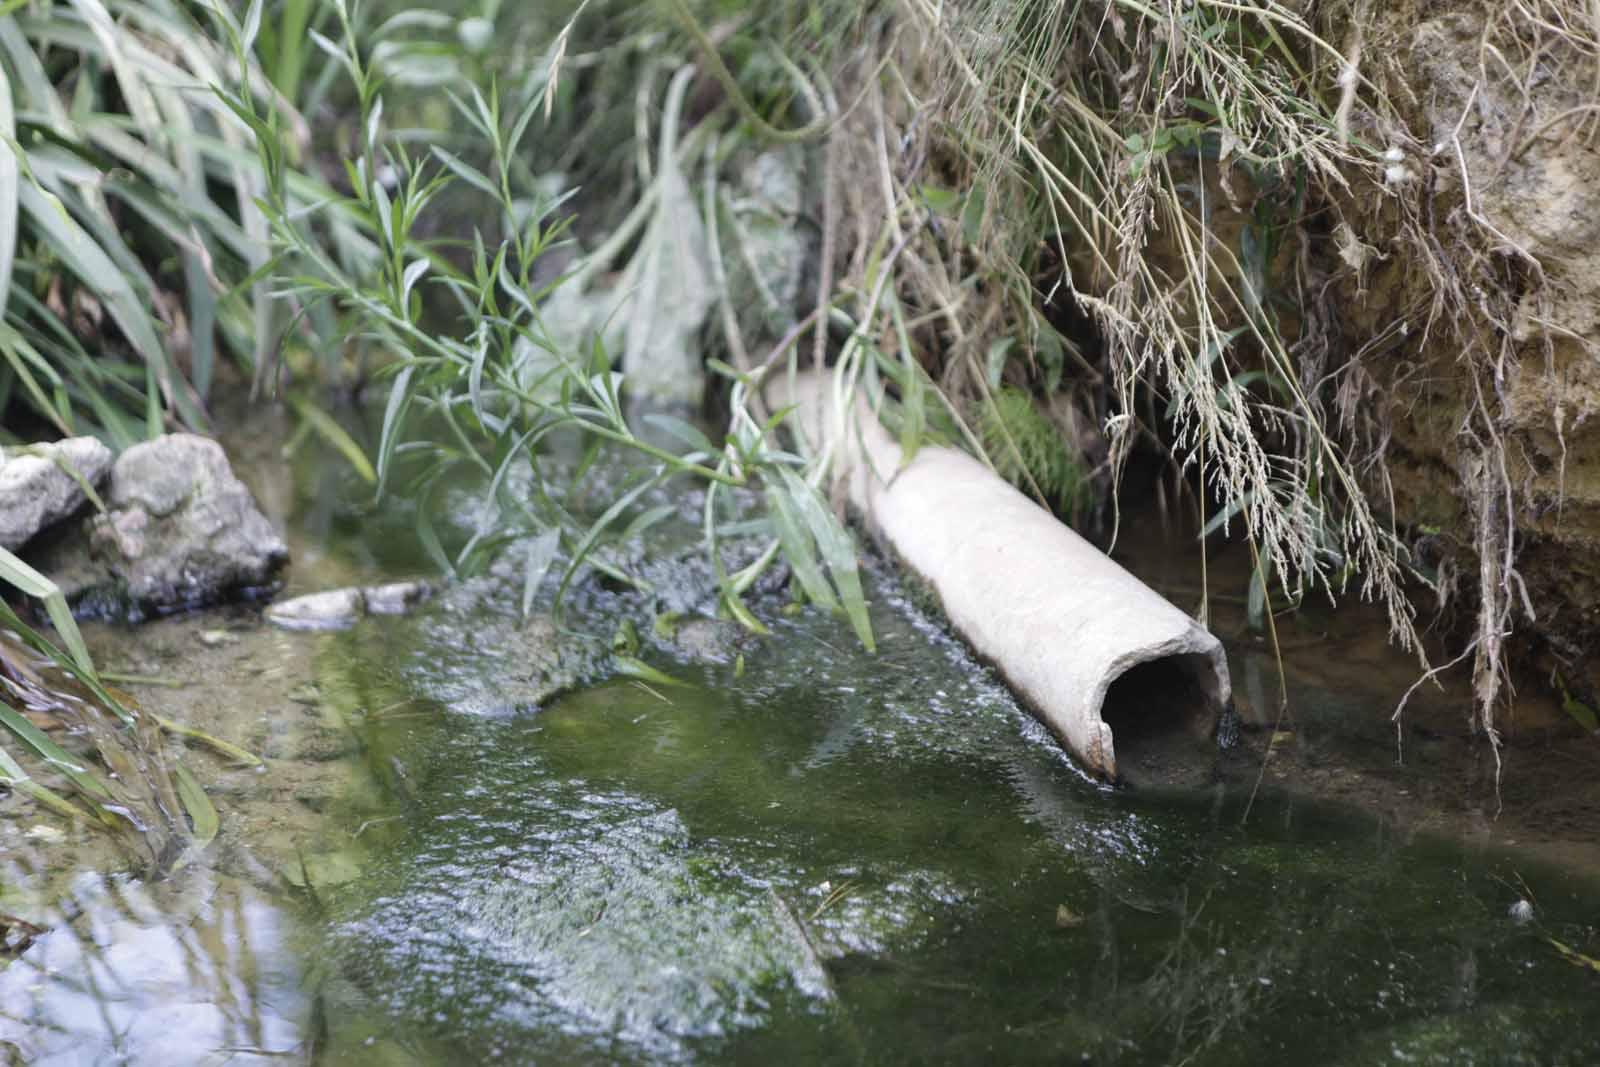 A la riera s'hi poden trobar tubs, com el de la foto, que contenen amiant, un element cancerigen FOTO: Artur Ribera